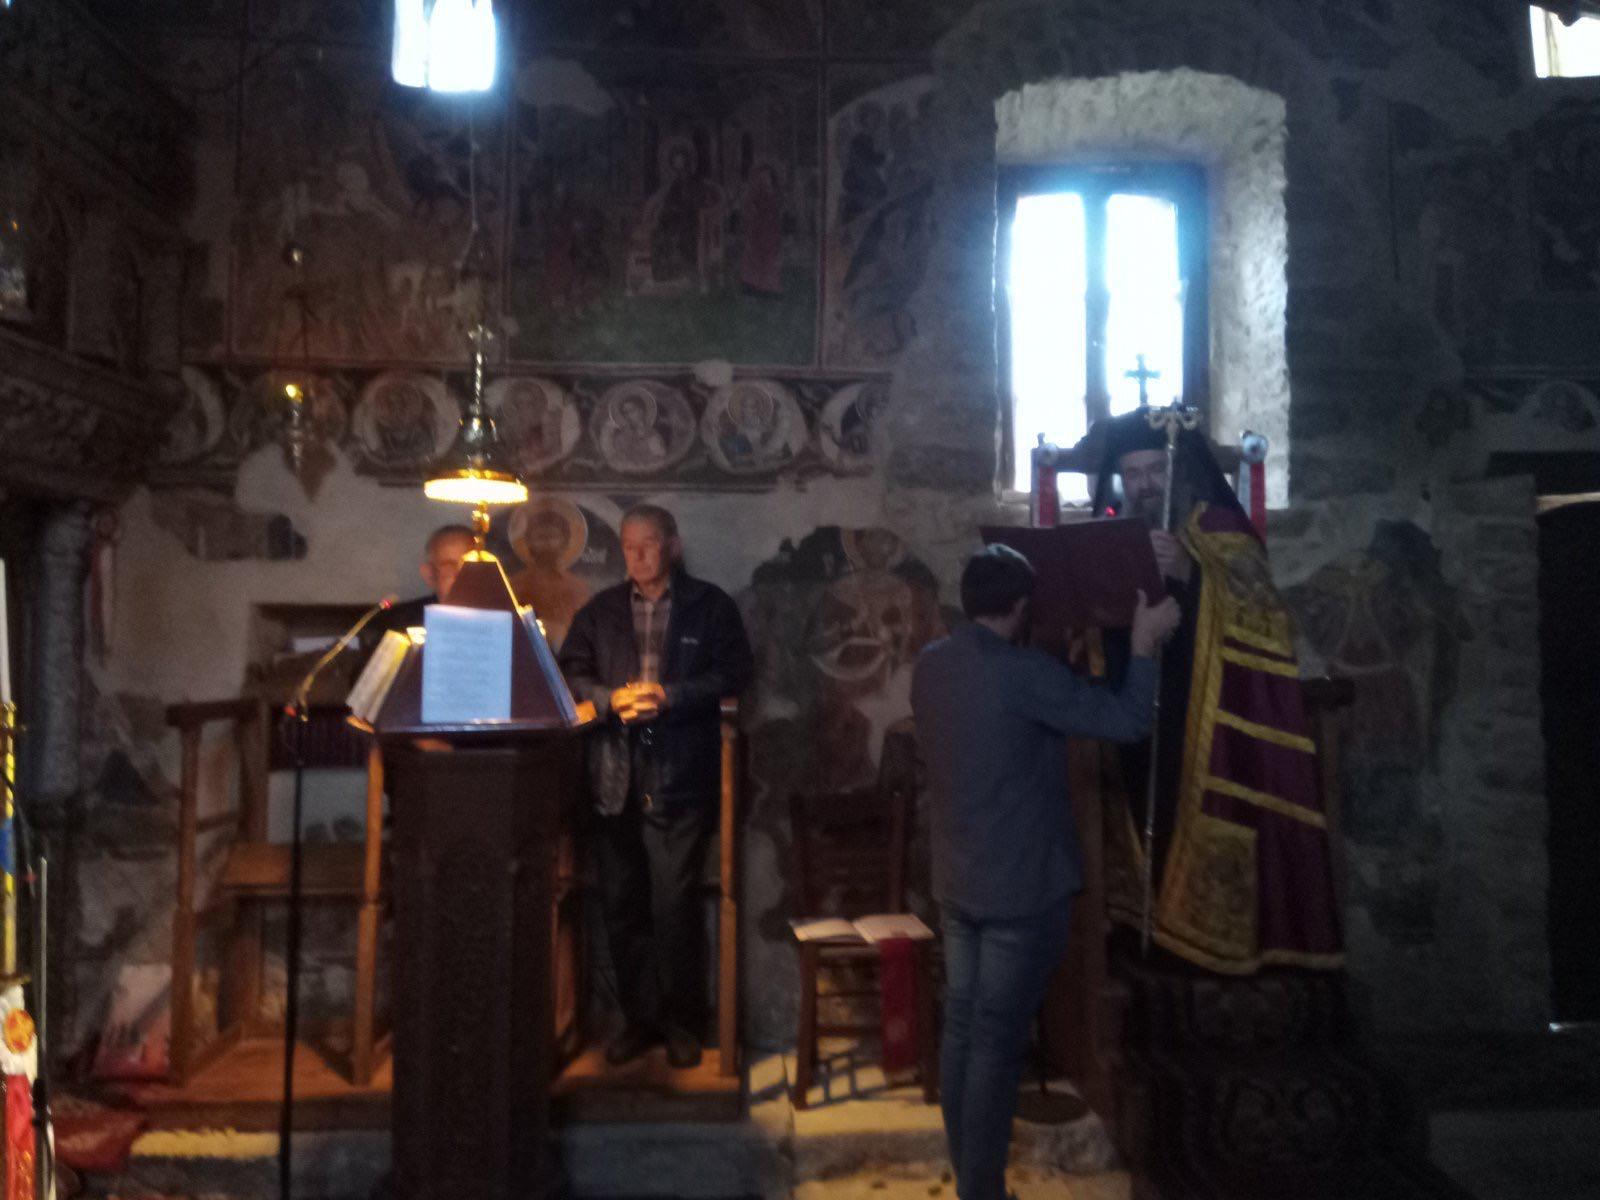 Αρχιερατική Θεία Λειτουργία Αγίου Μεγαλομάρτυρος Χριστοφόρου στο Μοναστήρι Αγίου Ιωάννου στο Λιβάδι Καρυάς